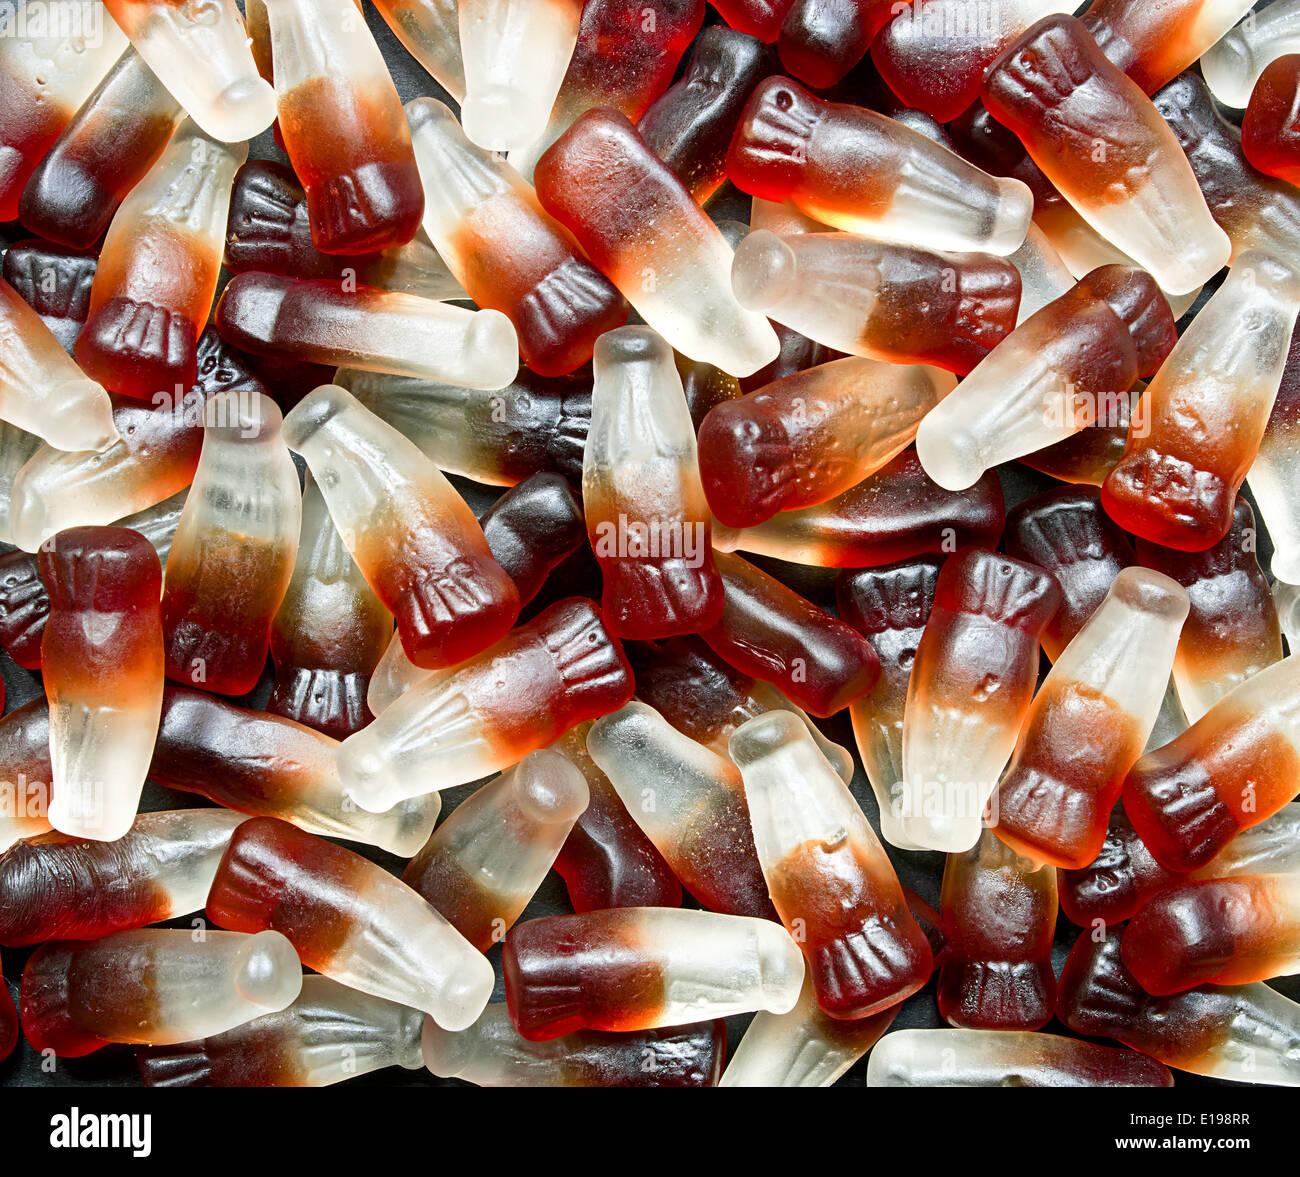 Gomosas cola botella al fondo un dulce retro popular también conocido como caramelos blandos en un pick and mix en el mercado de autoservicio. Imagen De Stock